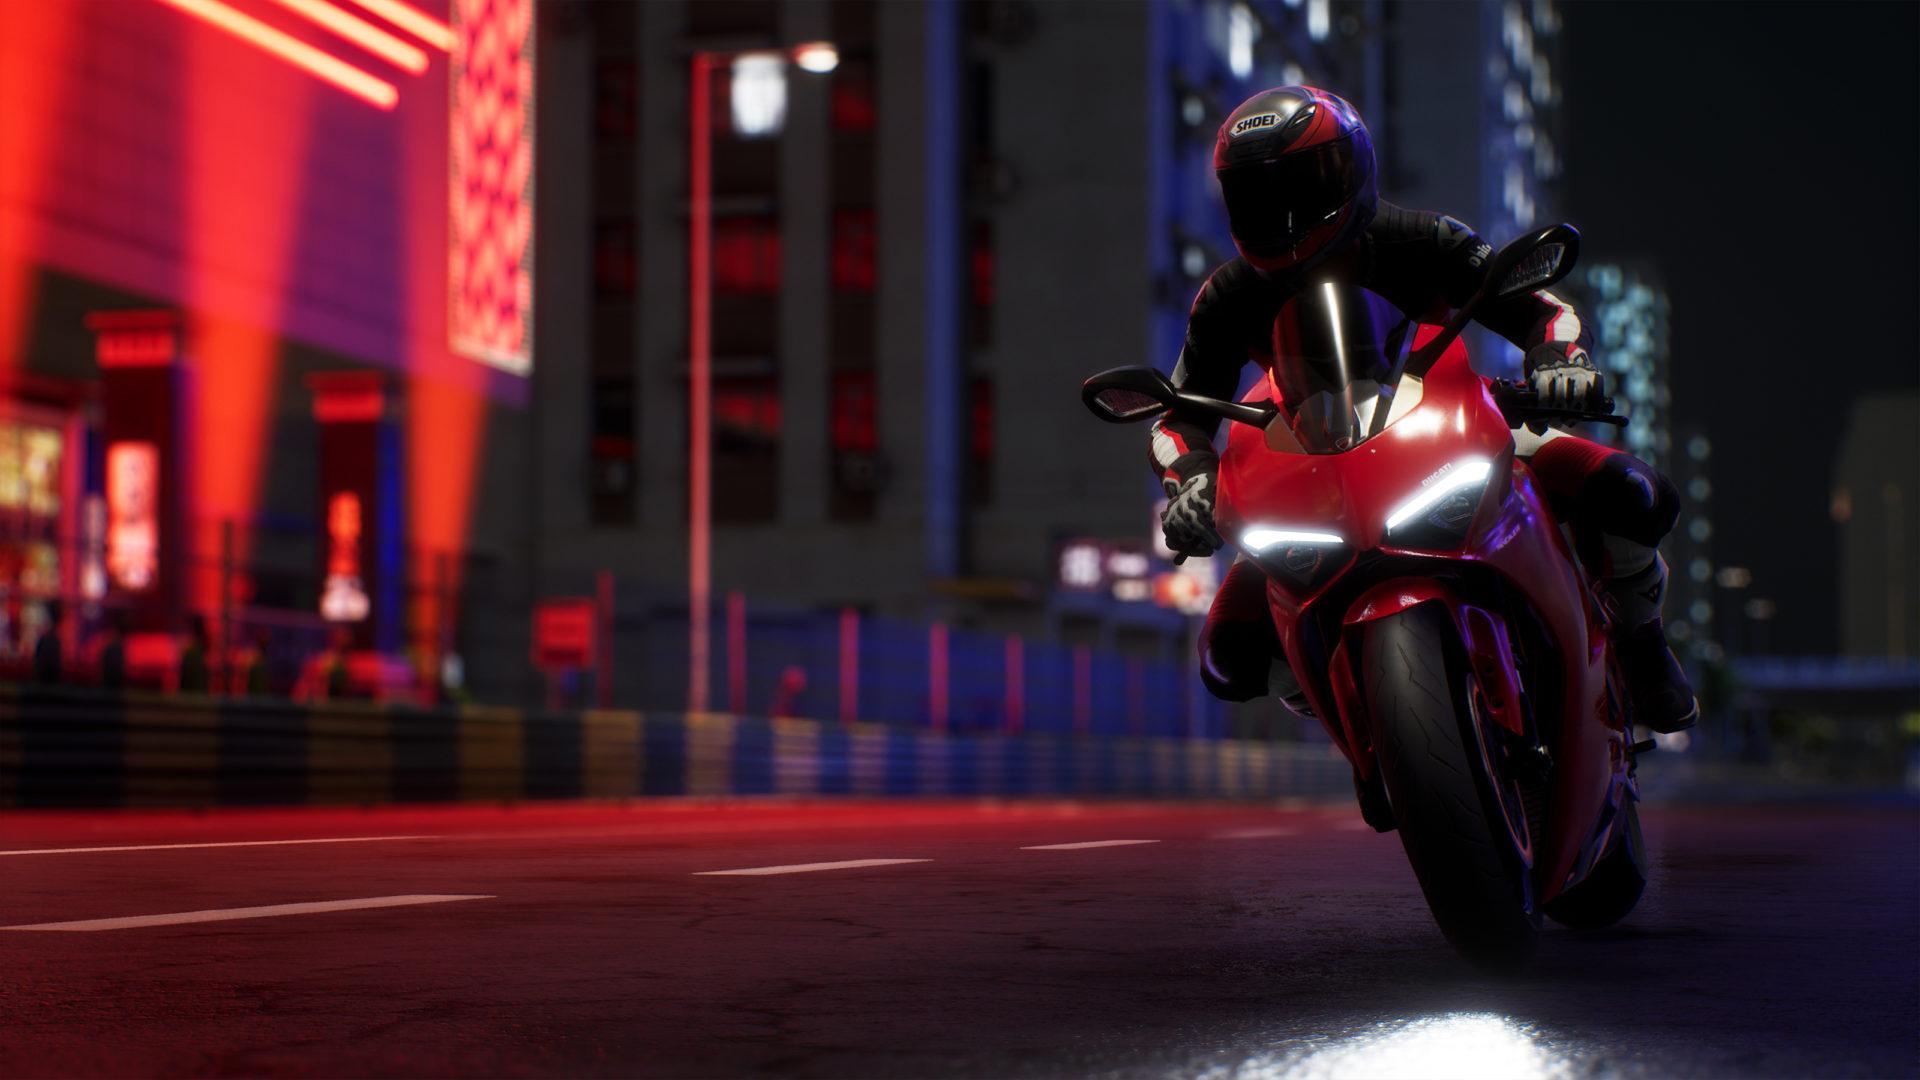 کاملا سازگار با موتورسیکلت